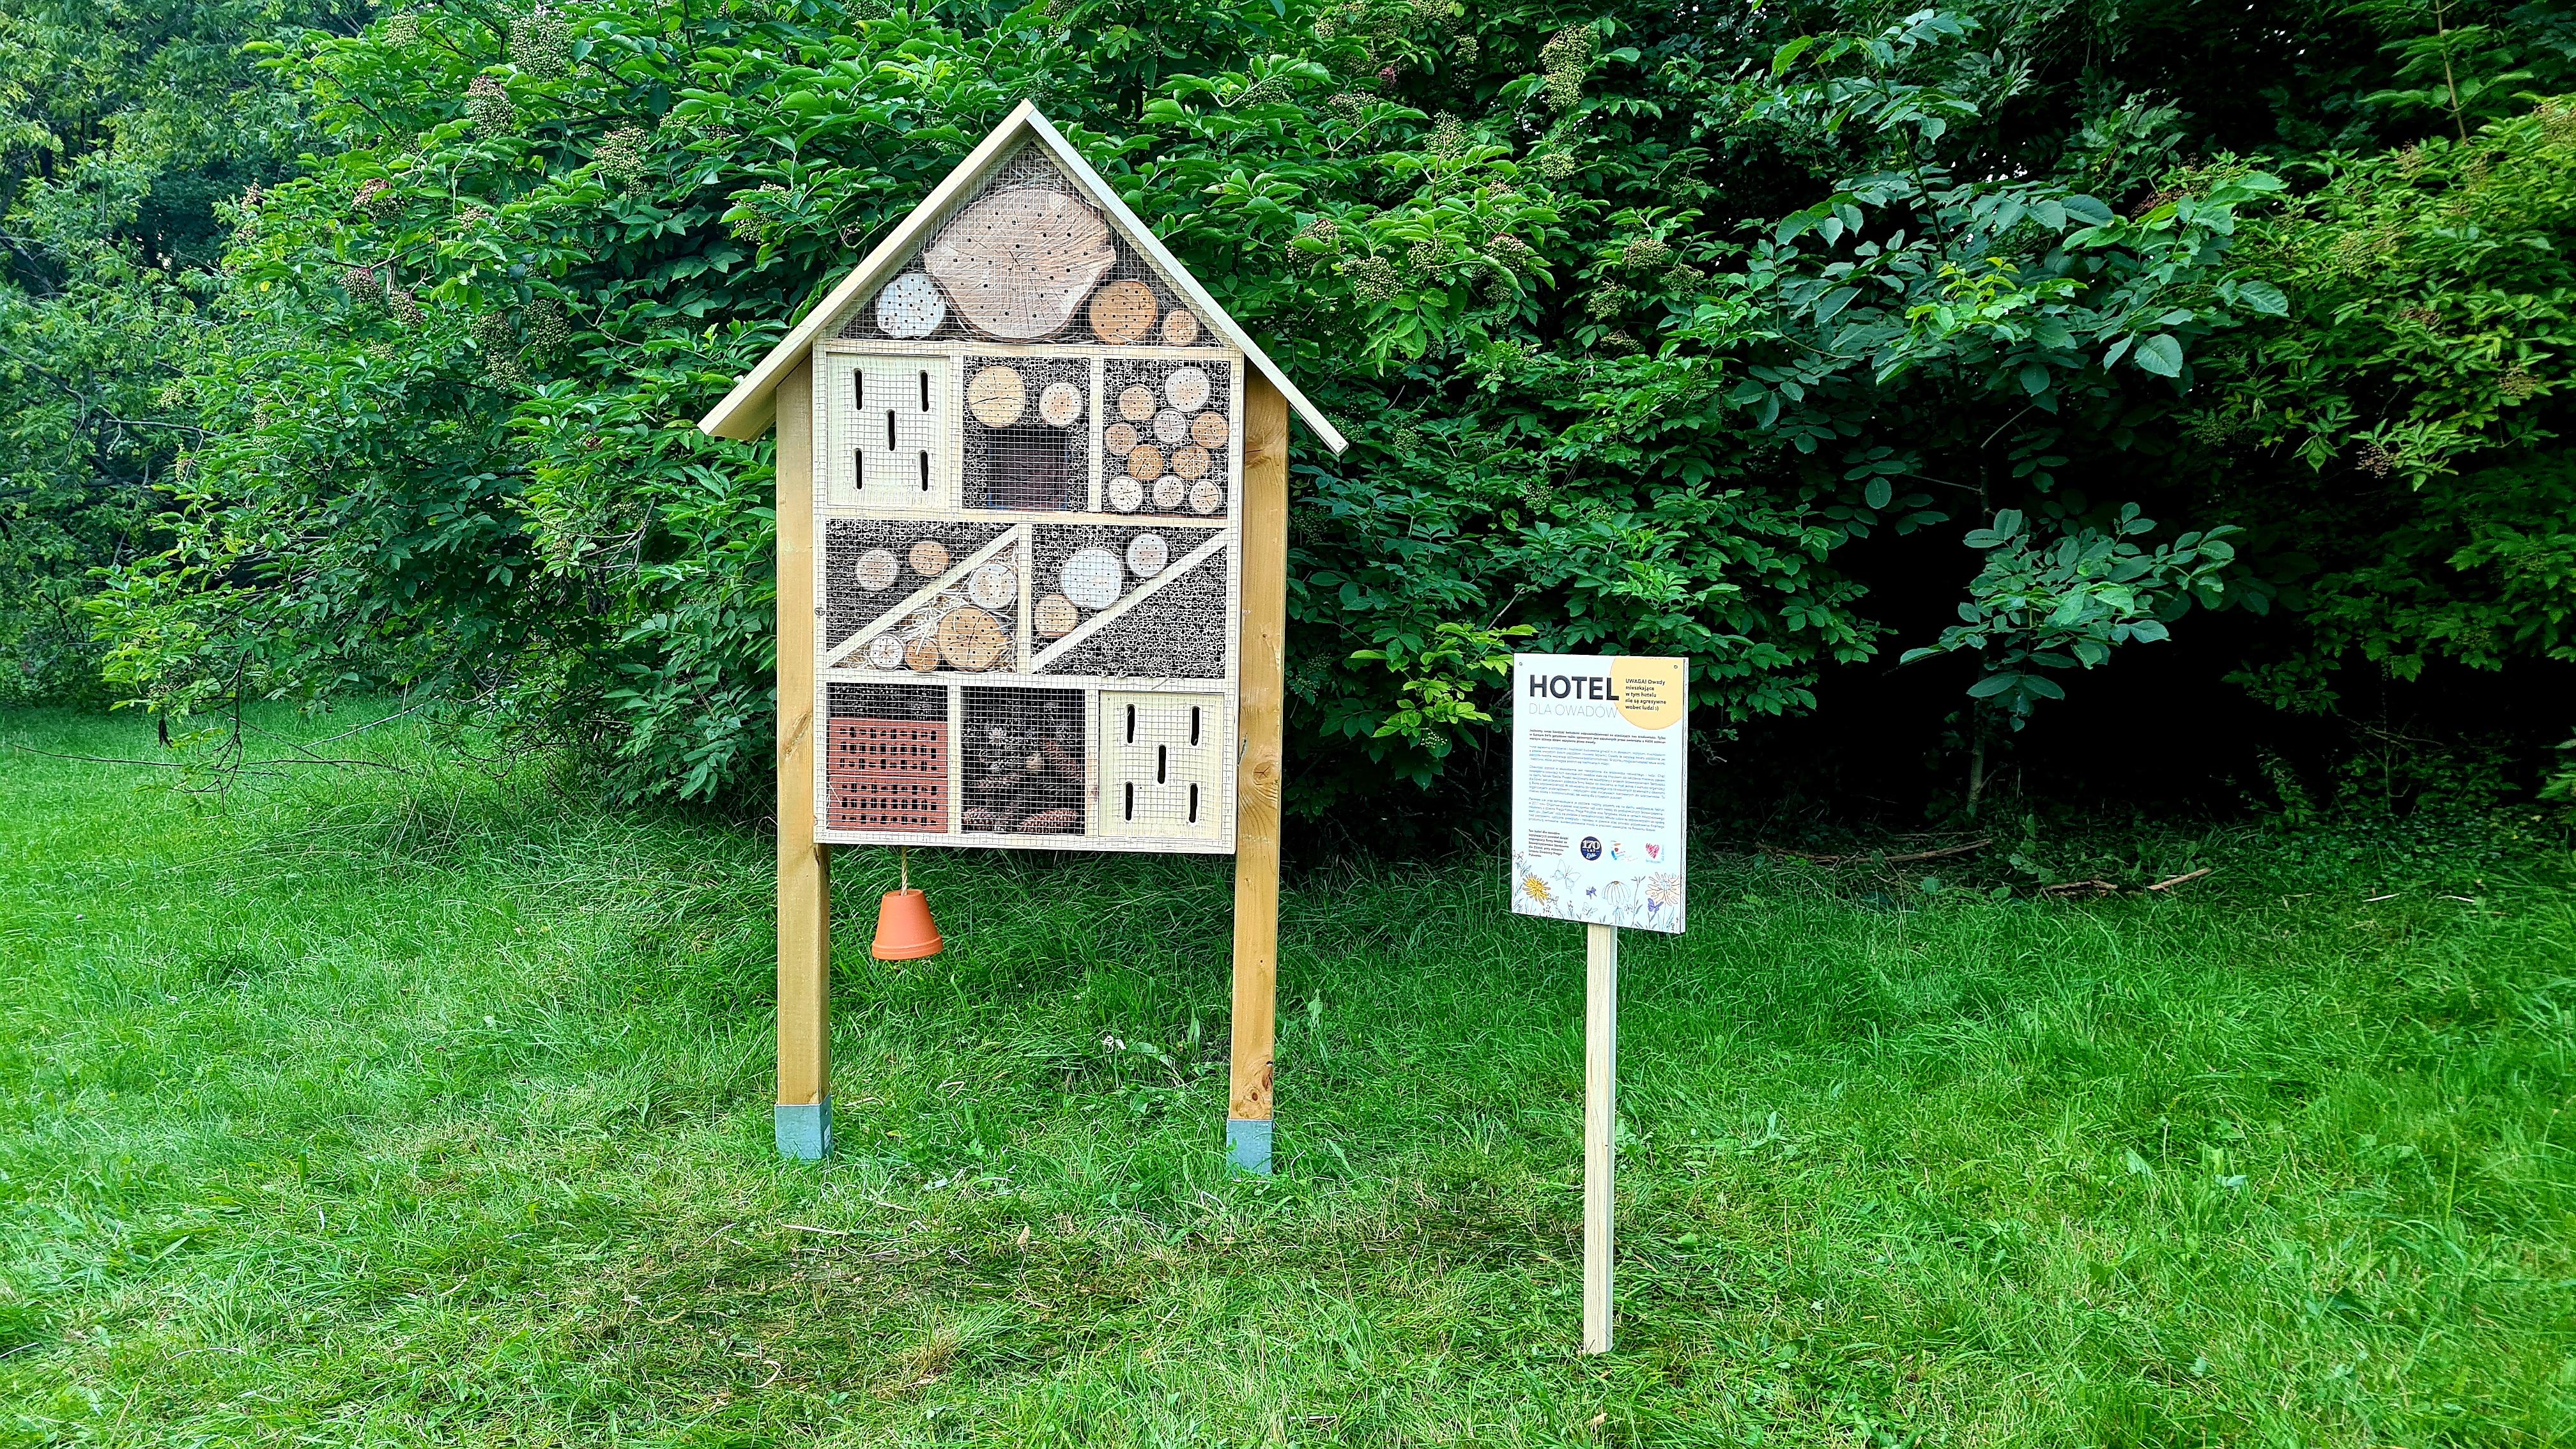 Hotele od Wedla dla pszczół i nie tylko